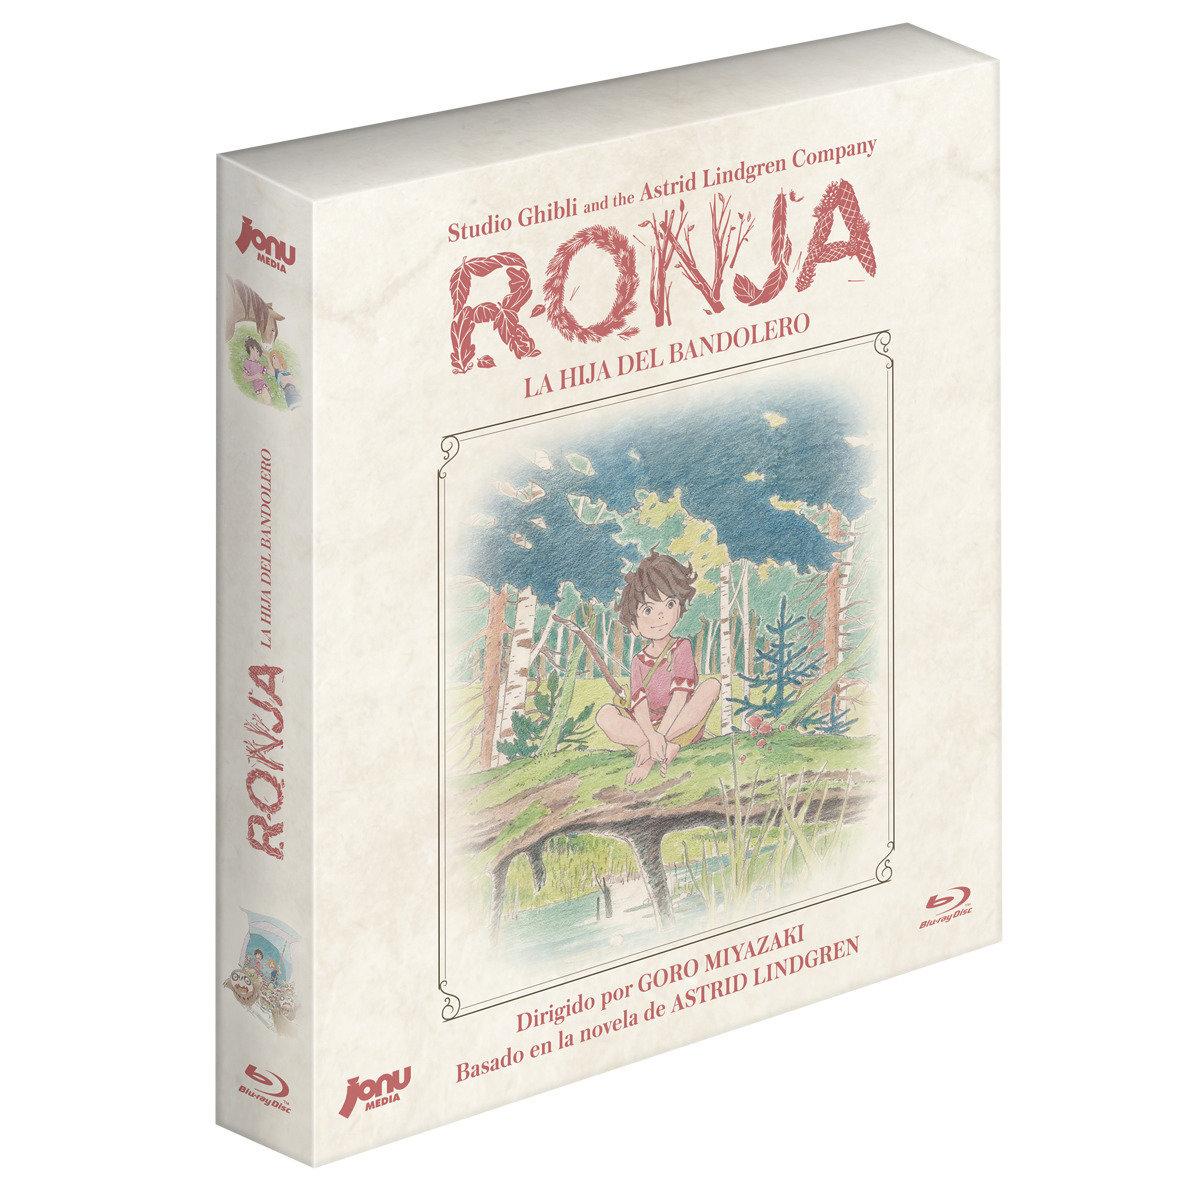 Ronja, la hija del bandolero (Blu-Ray) + Ilustración Firmada Goro Miyazaki